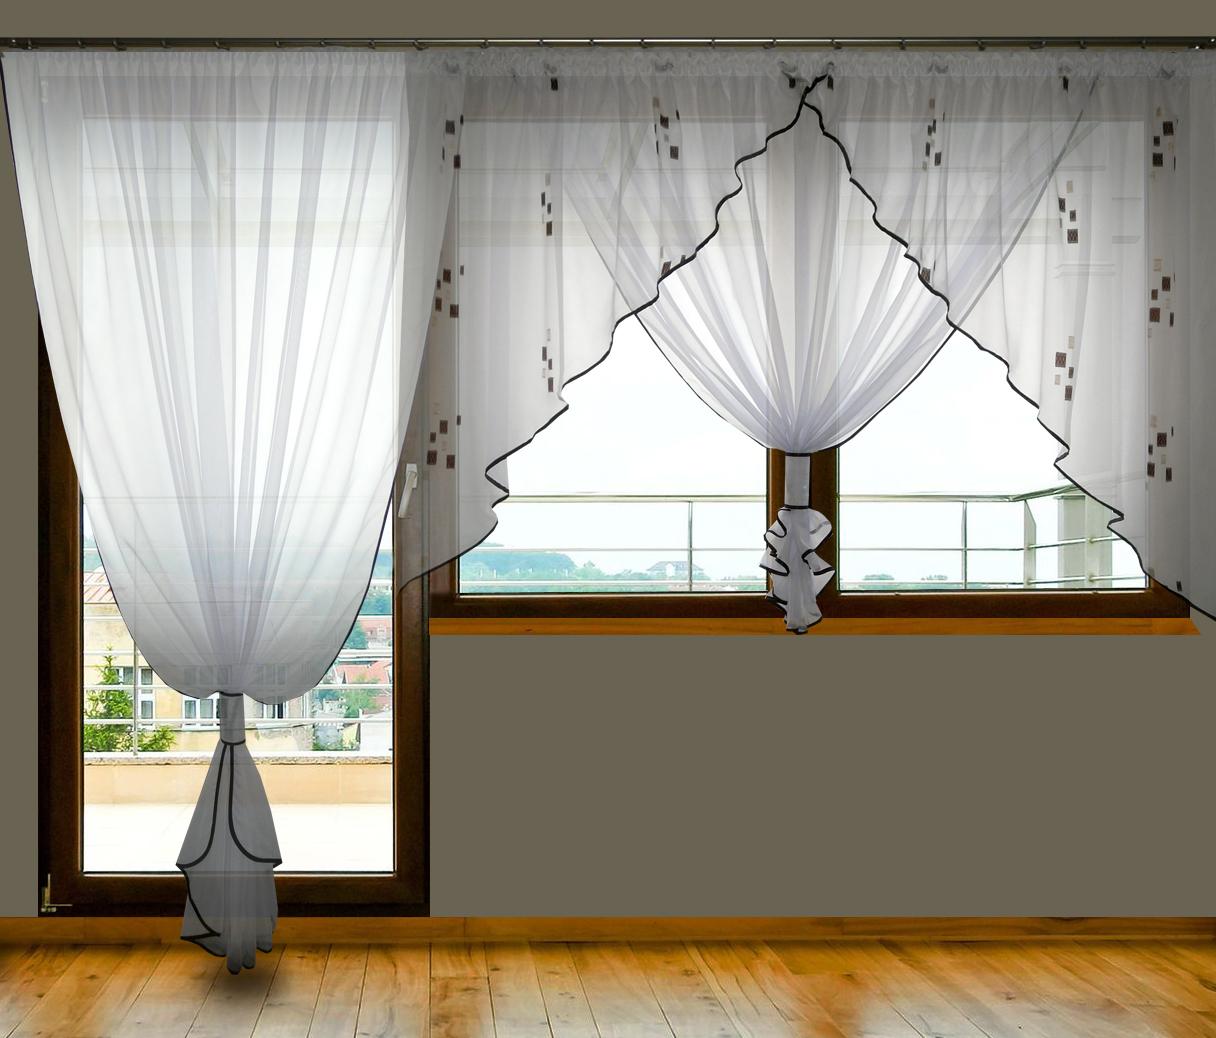 Full Size of Gardinen Schlafzimmer Für Die Küche Gardine Wohnzimmer Fenster Scheibengardinen Wohnzimmer Balkontür Gardine